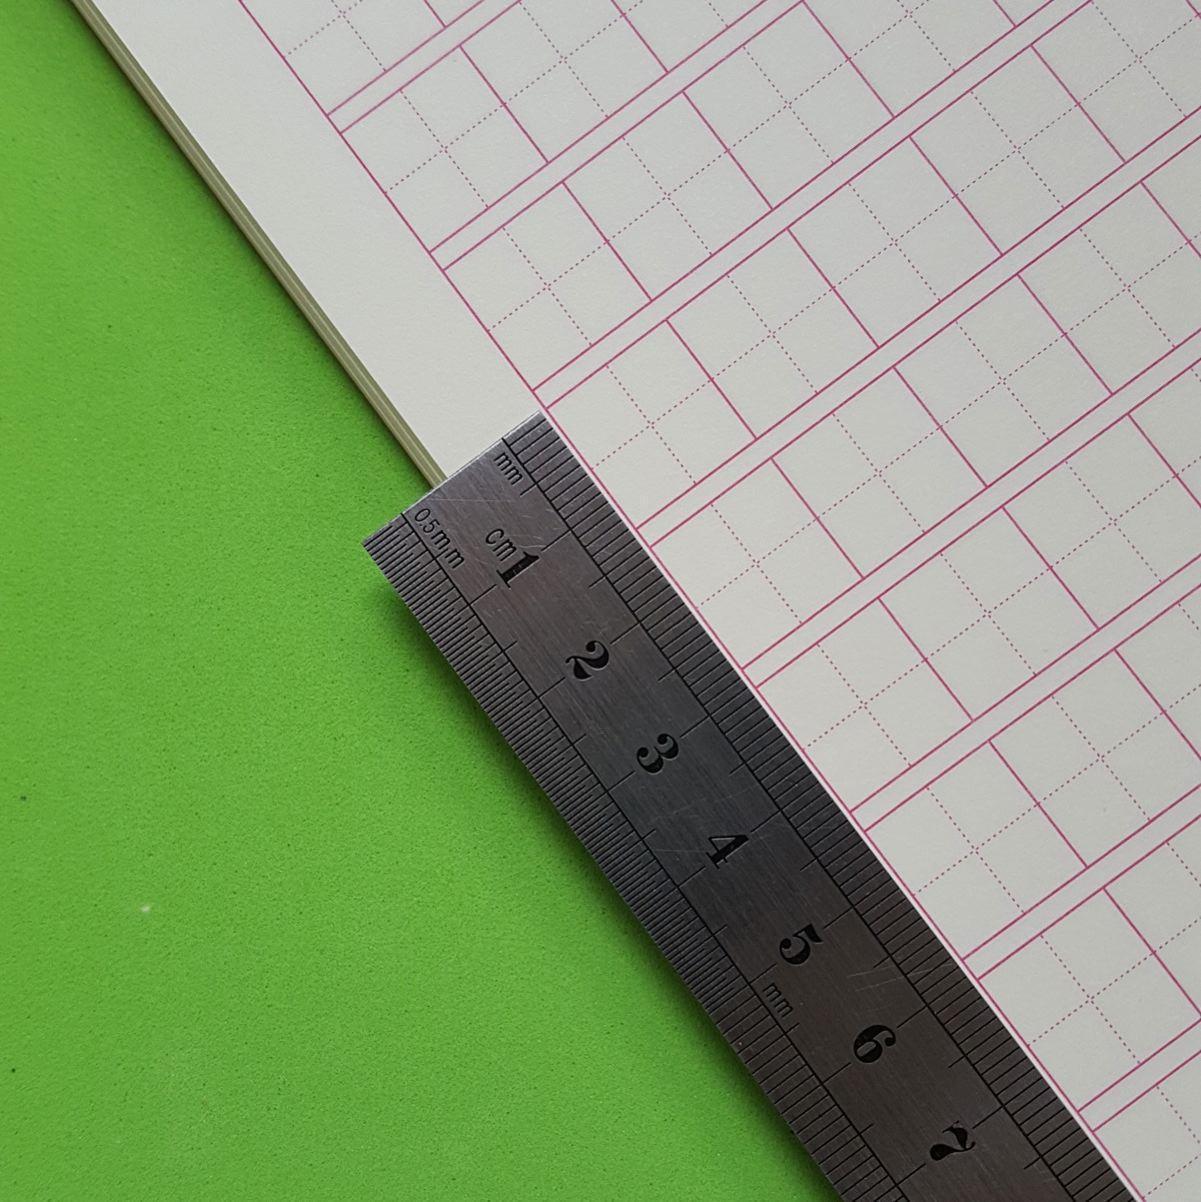 [Комплект 10 шт.] Тетрадь для написания иероглифов. Клетка 13 мм с пунктиром и полем для пиньинь. 15680 клеток